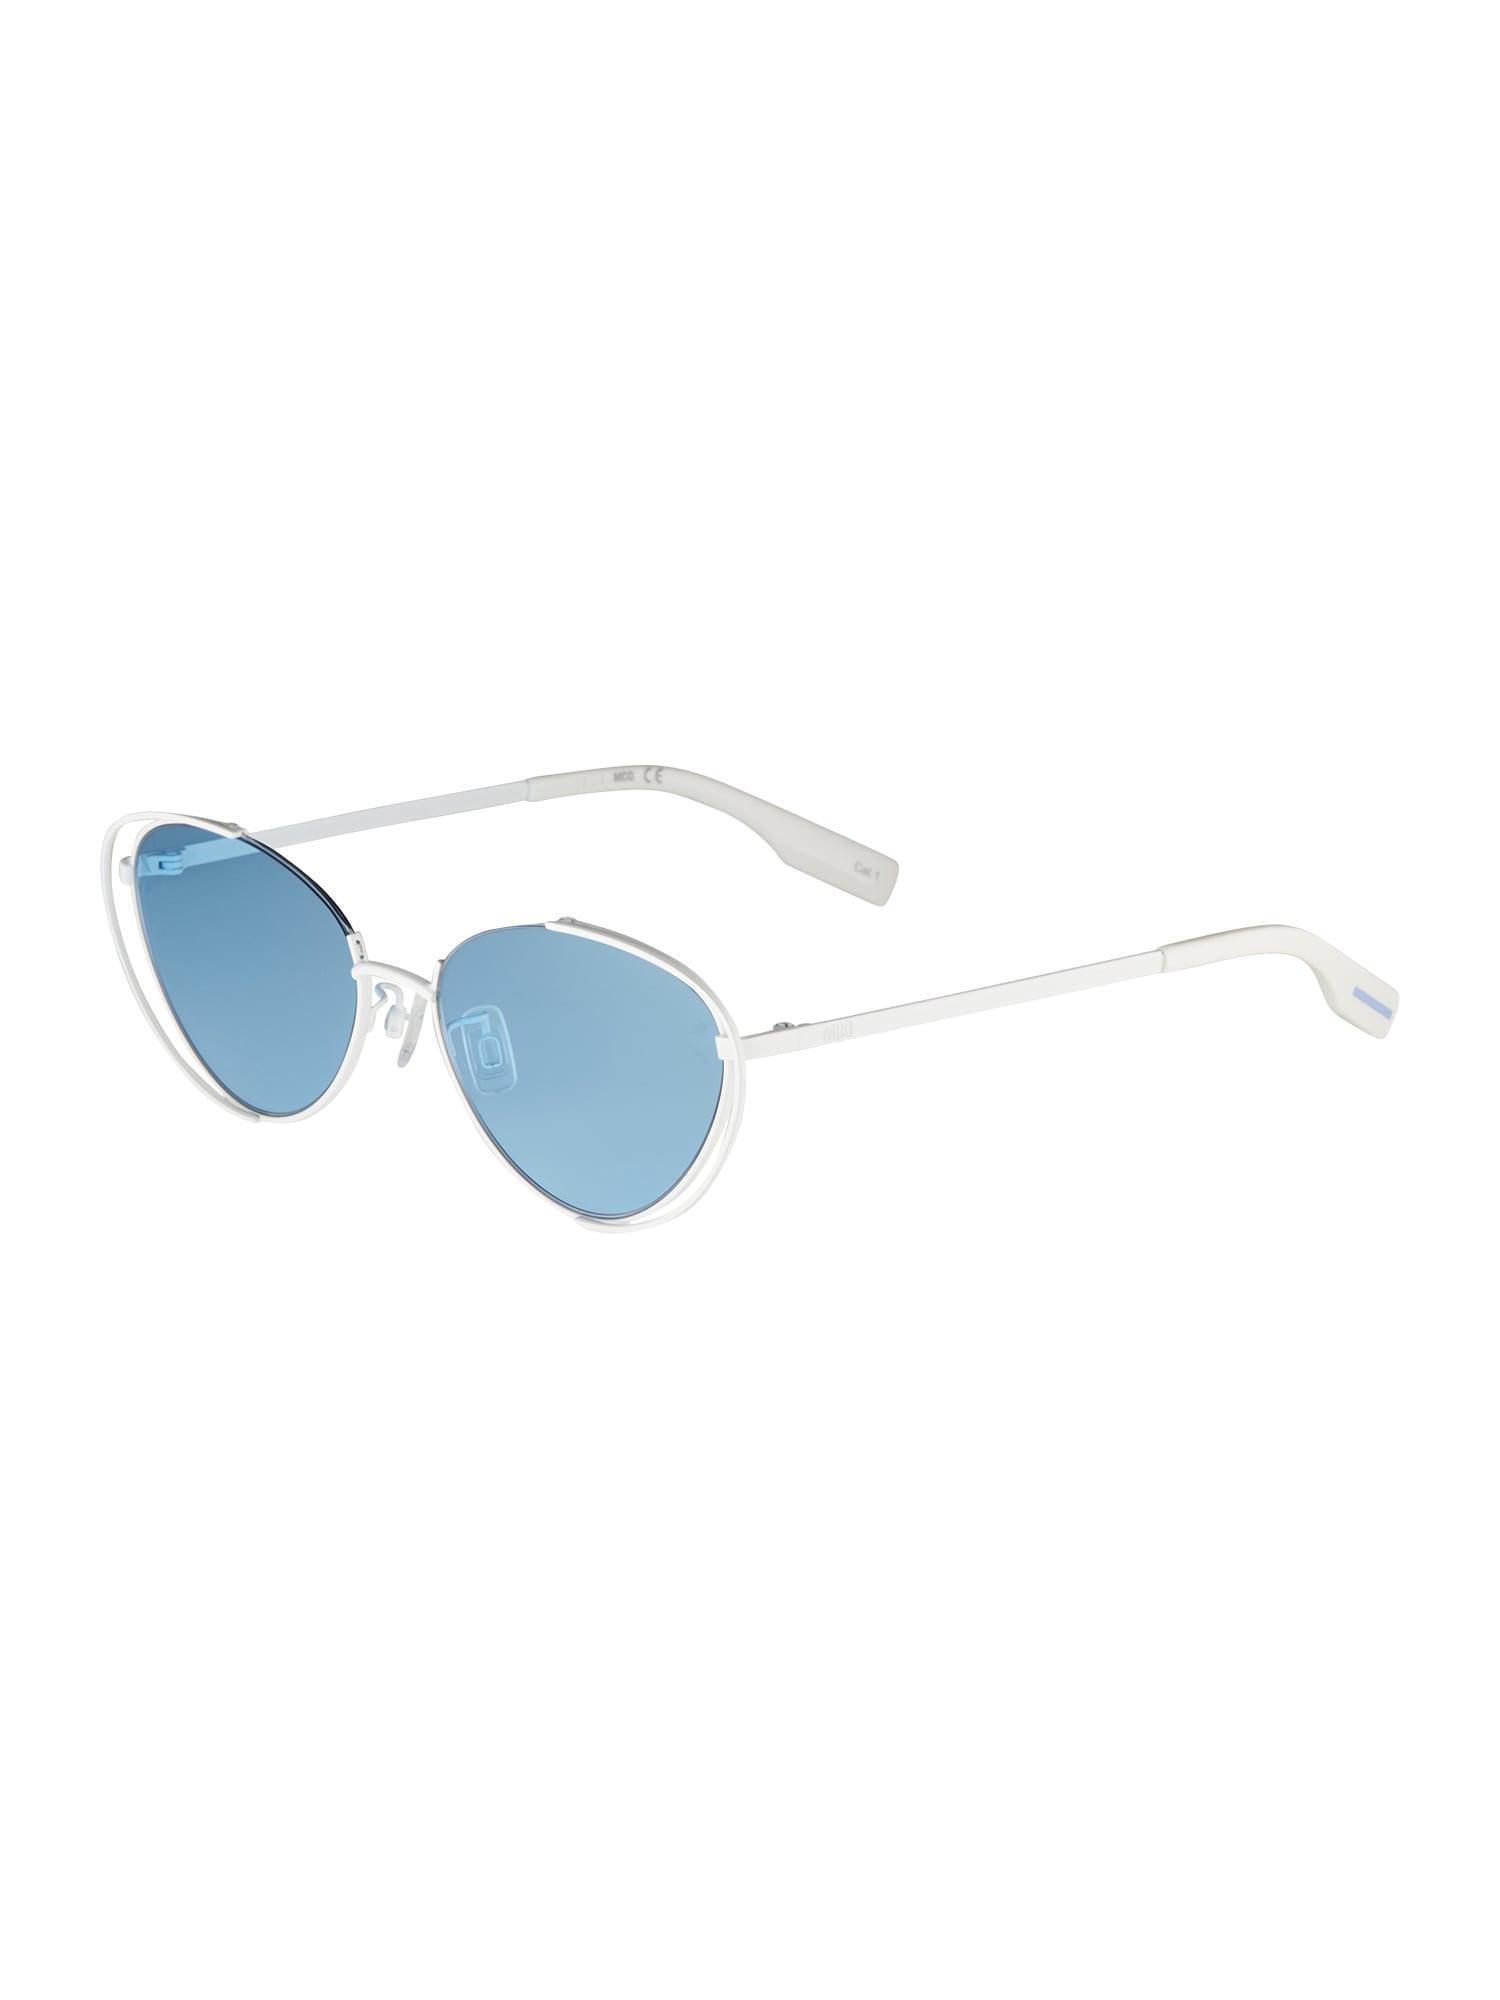 McQ Alexander McQueen Akiniai nuo saulės balta / šviesiai mėlyna